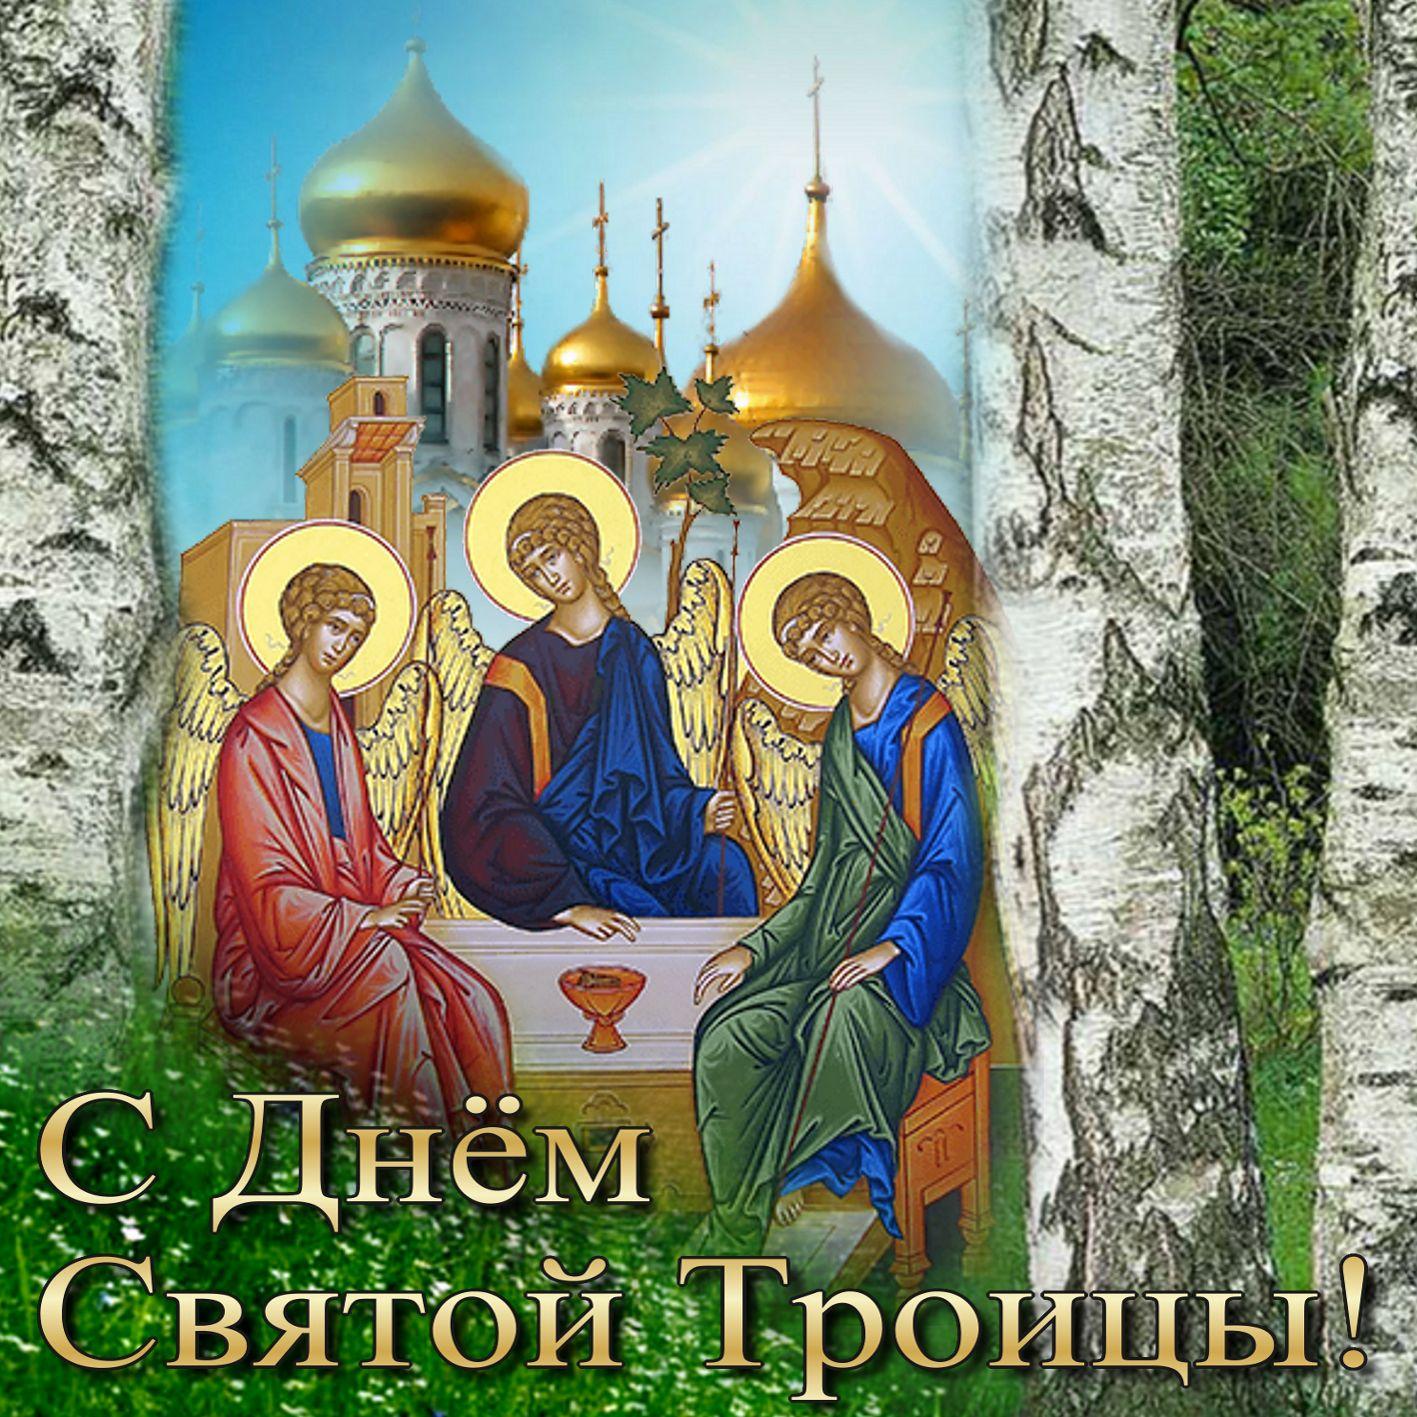 день святой троицы открытки поздравления изготавливаем продукцию